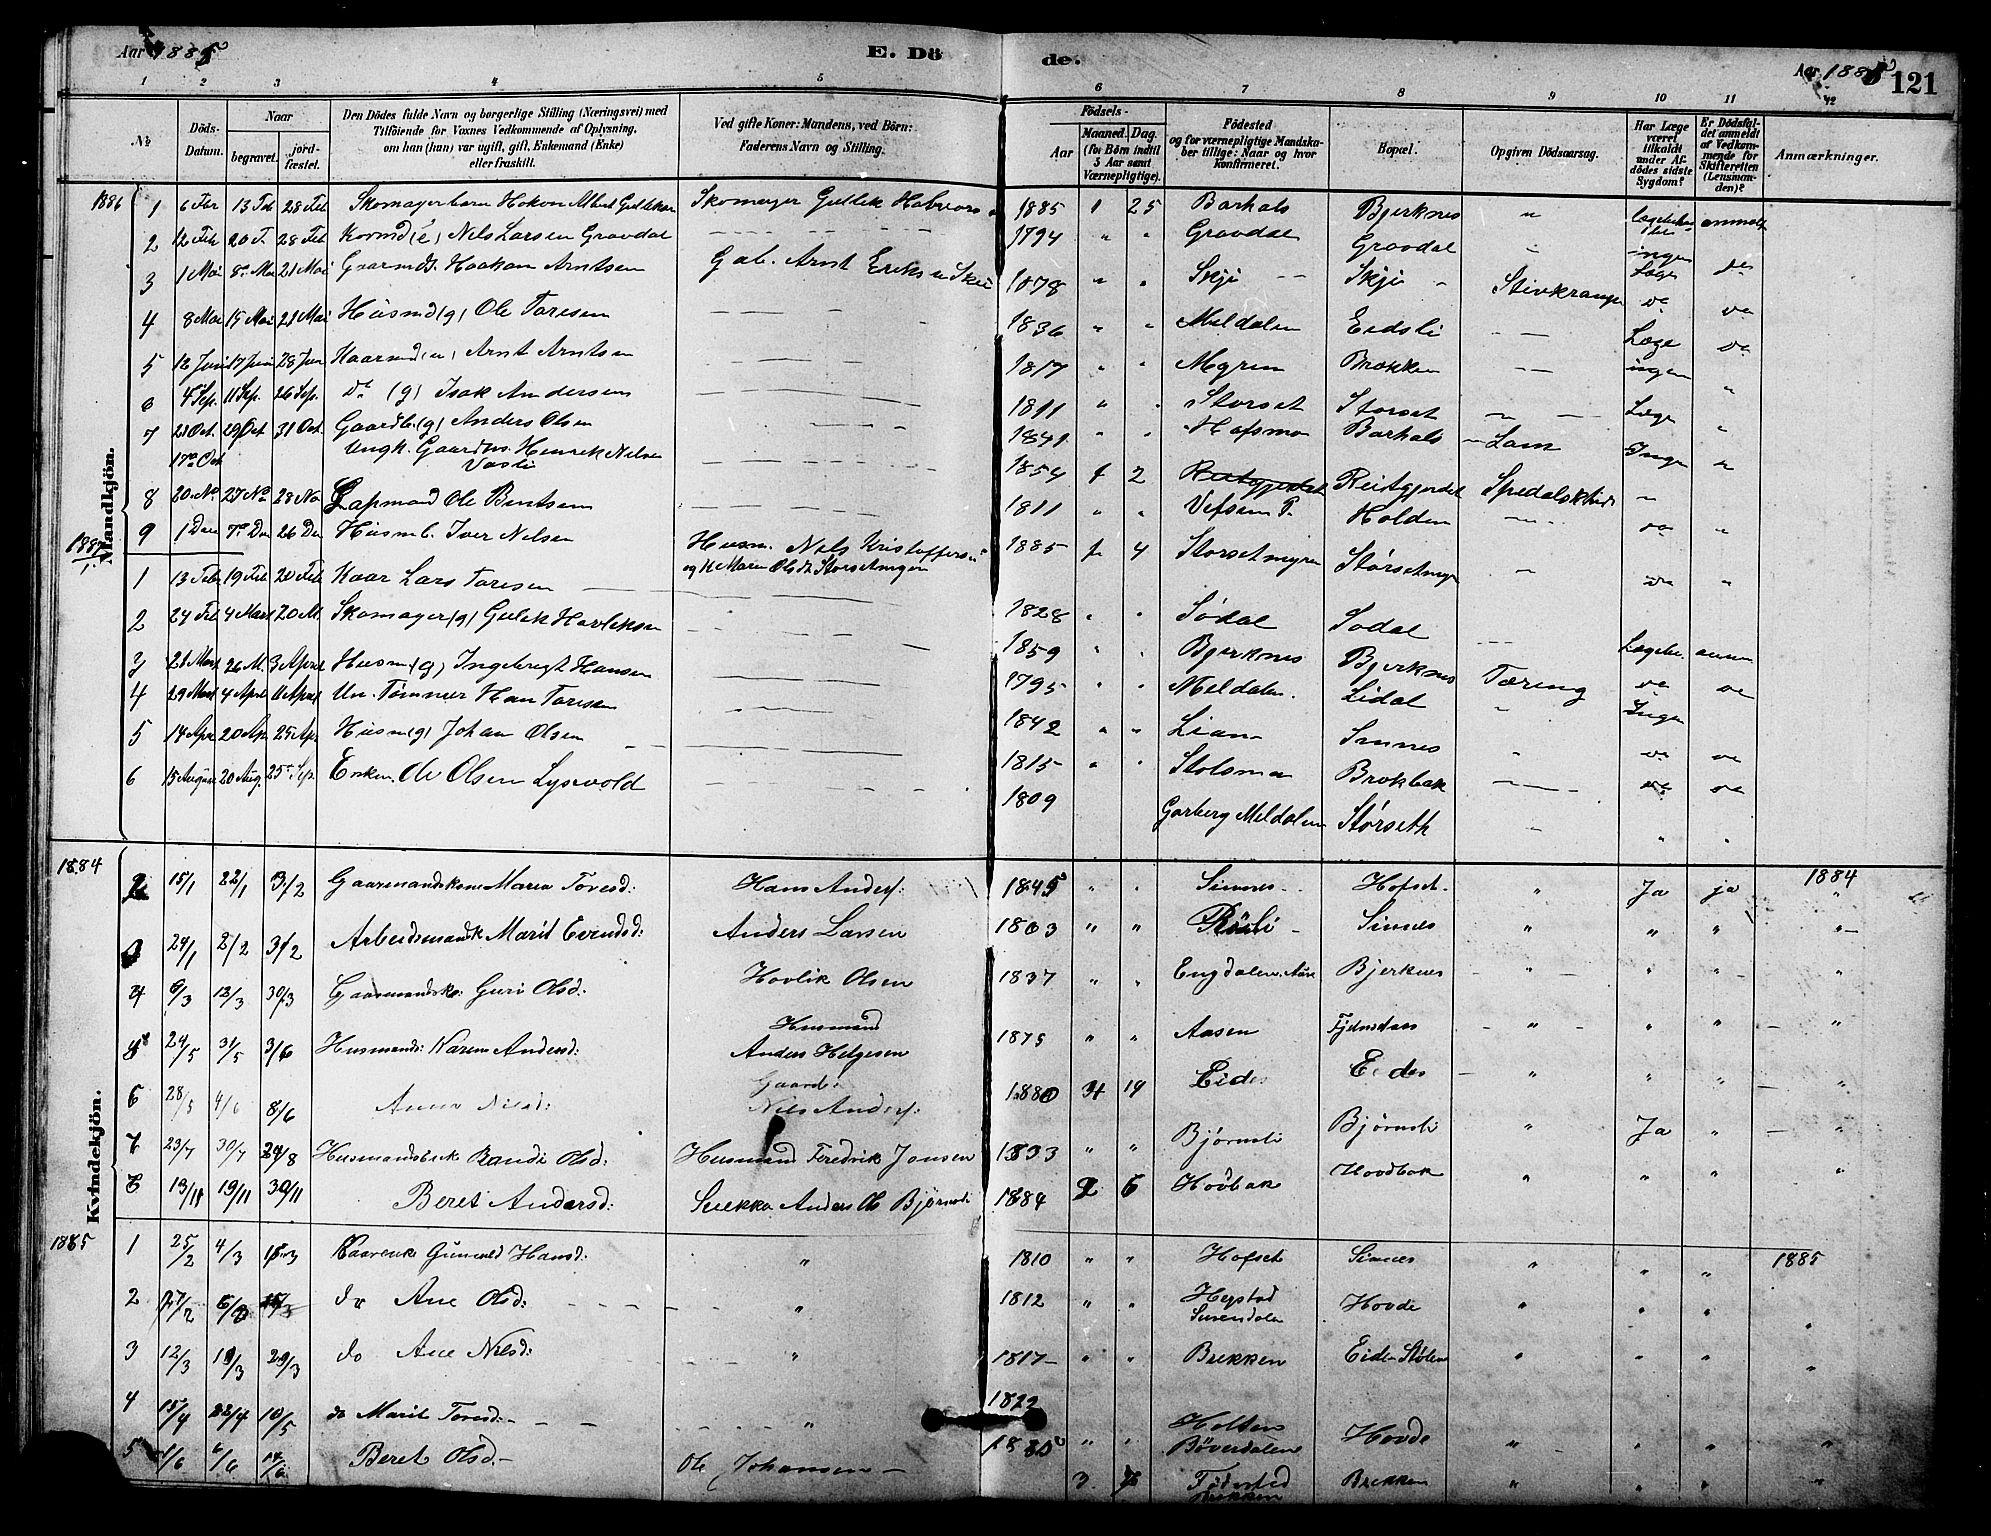 SAT, Ministerialprotokoller, klokkerbøker og fødselsregistre - Sør-Trøndelag, 631/L0514: Klokkerbok nr. 631C02, 1879-1912, s. 121